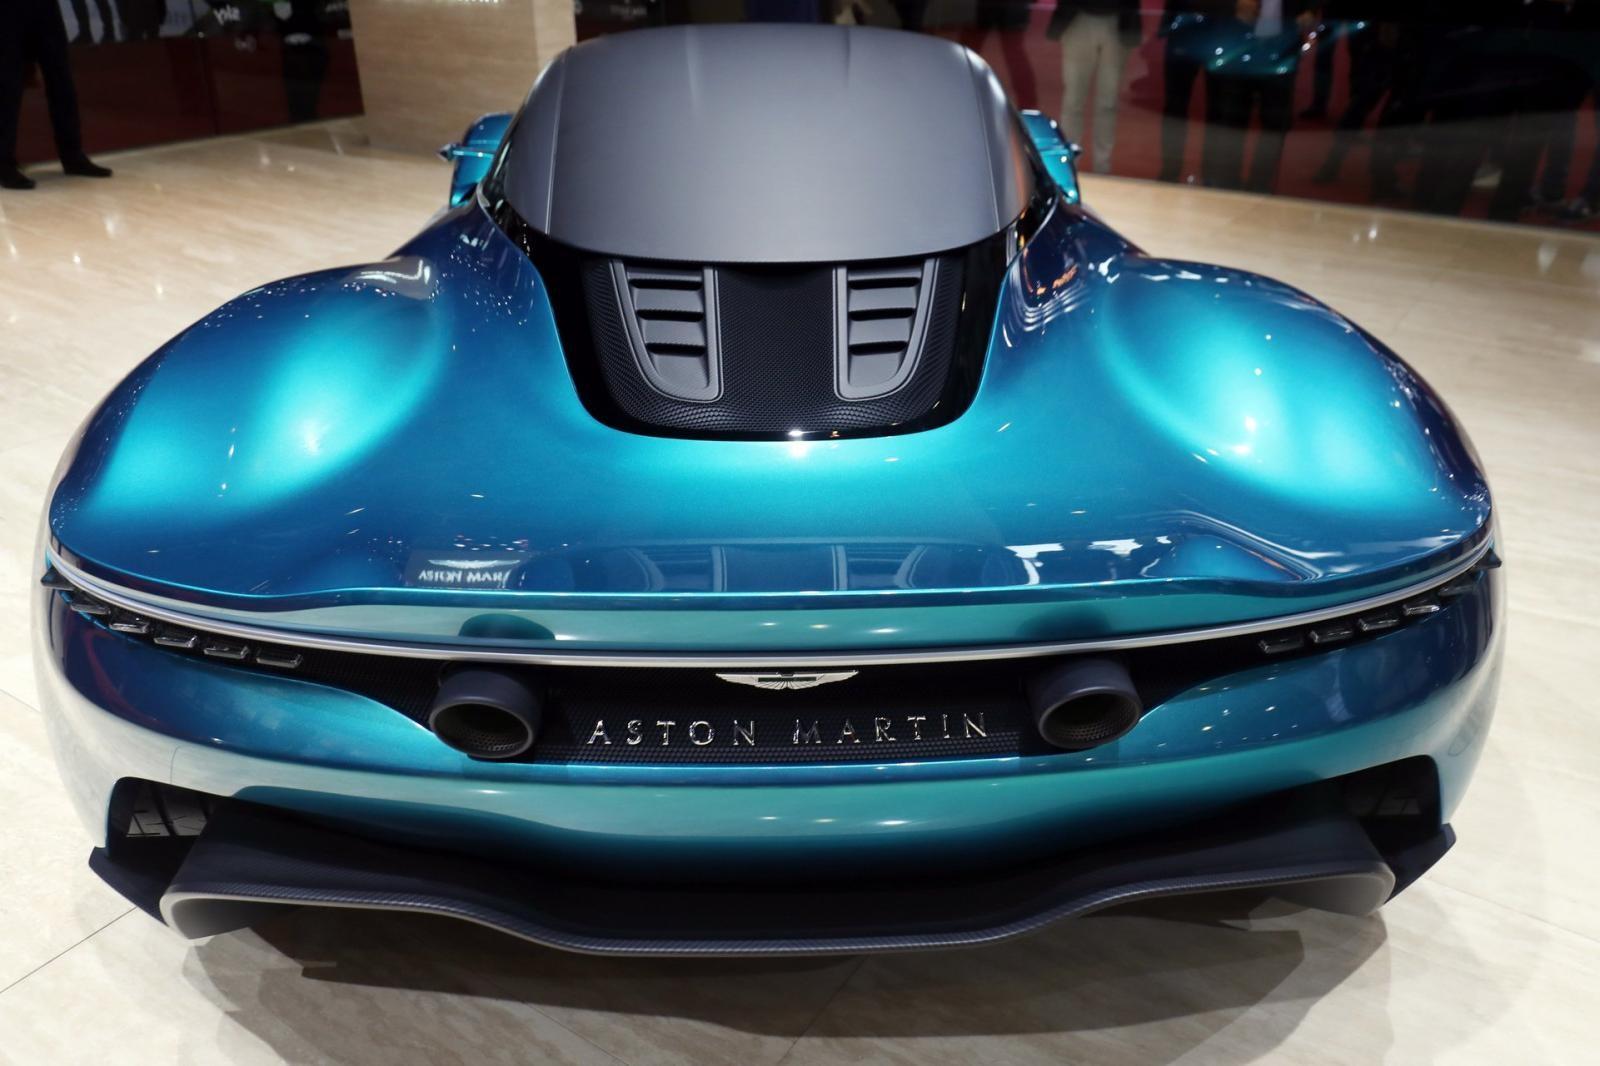 Aston Martin Vanquish Vision Concept có 2 ống xả hình tròn nằm ở vị trí cao